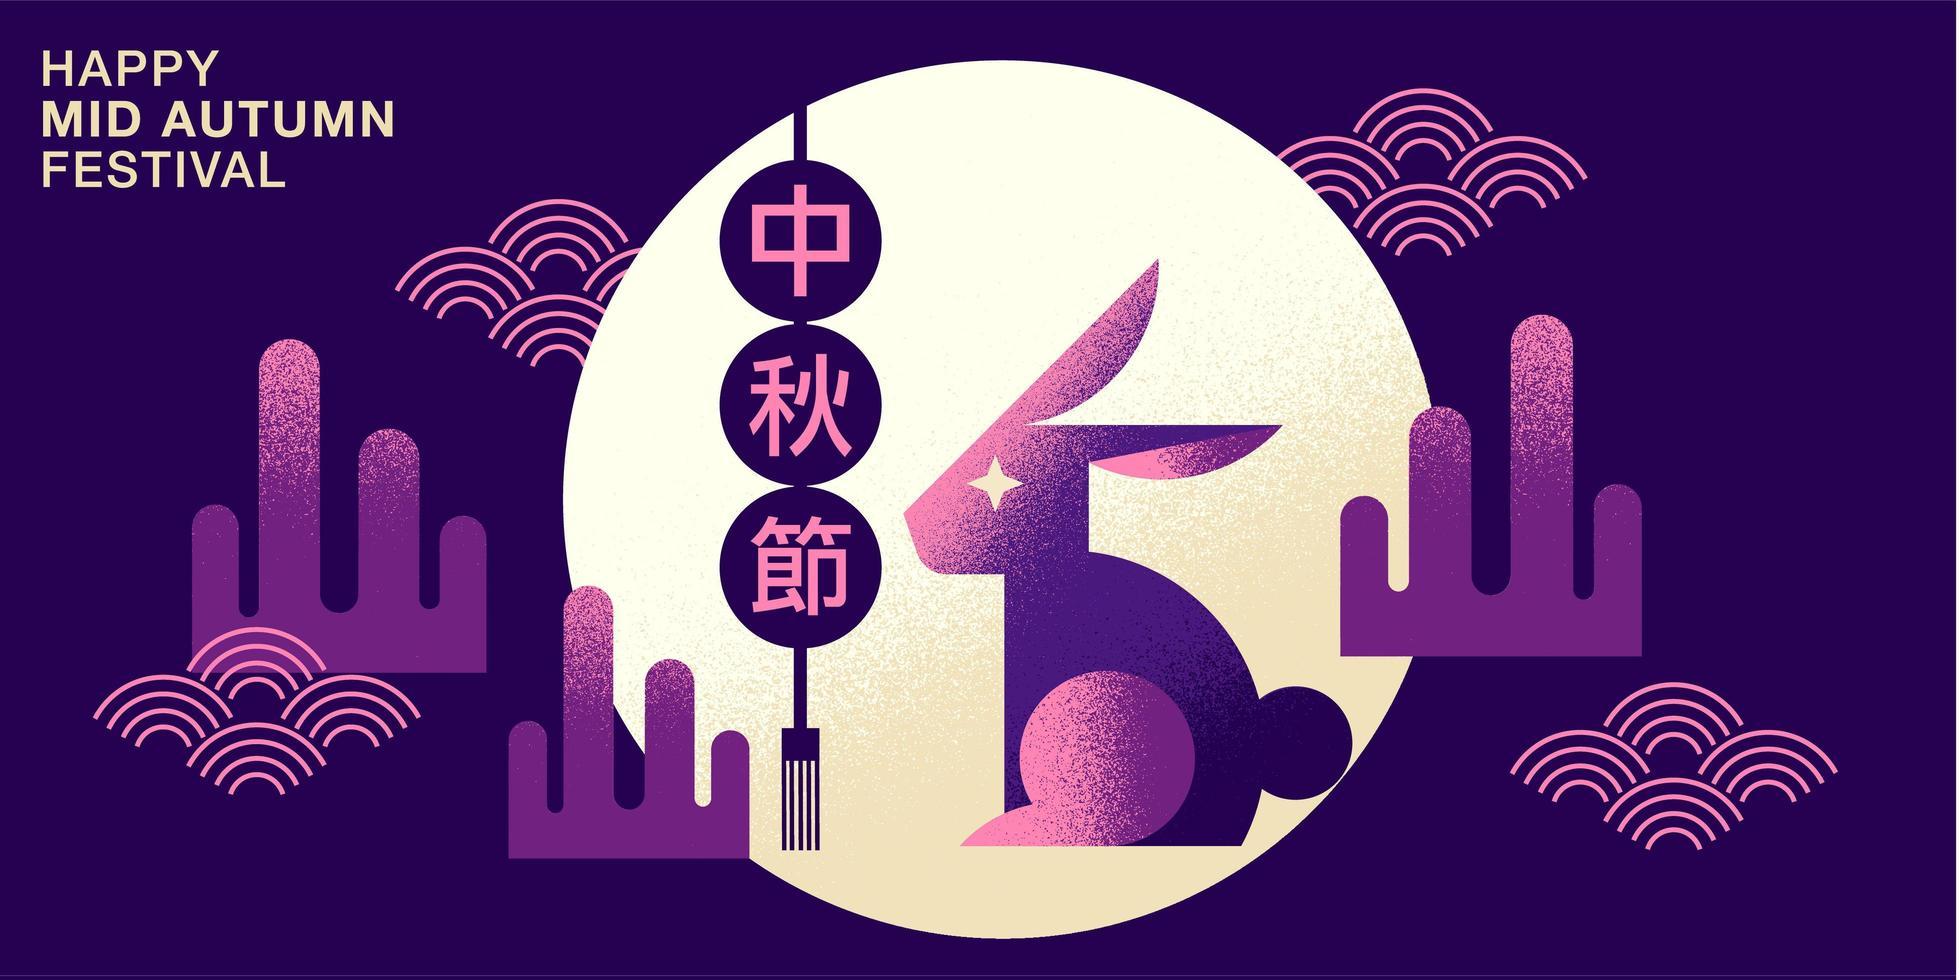 Festival de mediados de otoño banner con conejo y textura vector